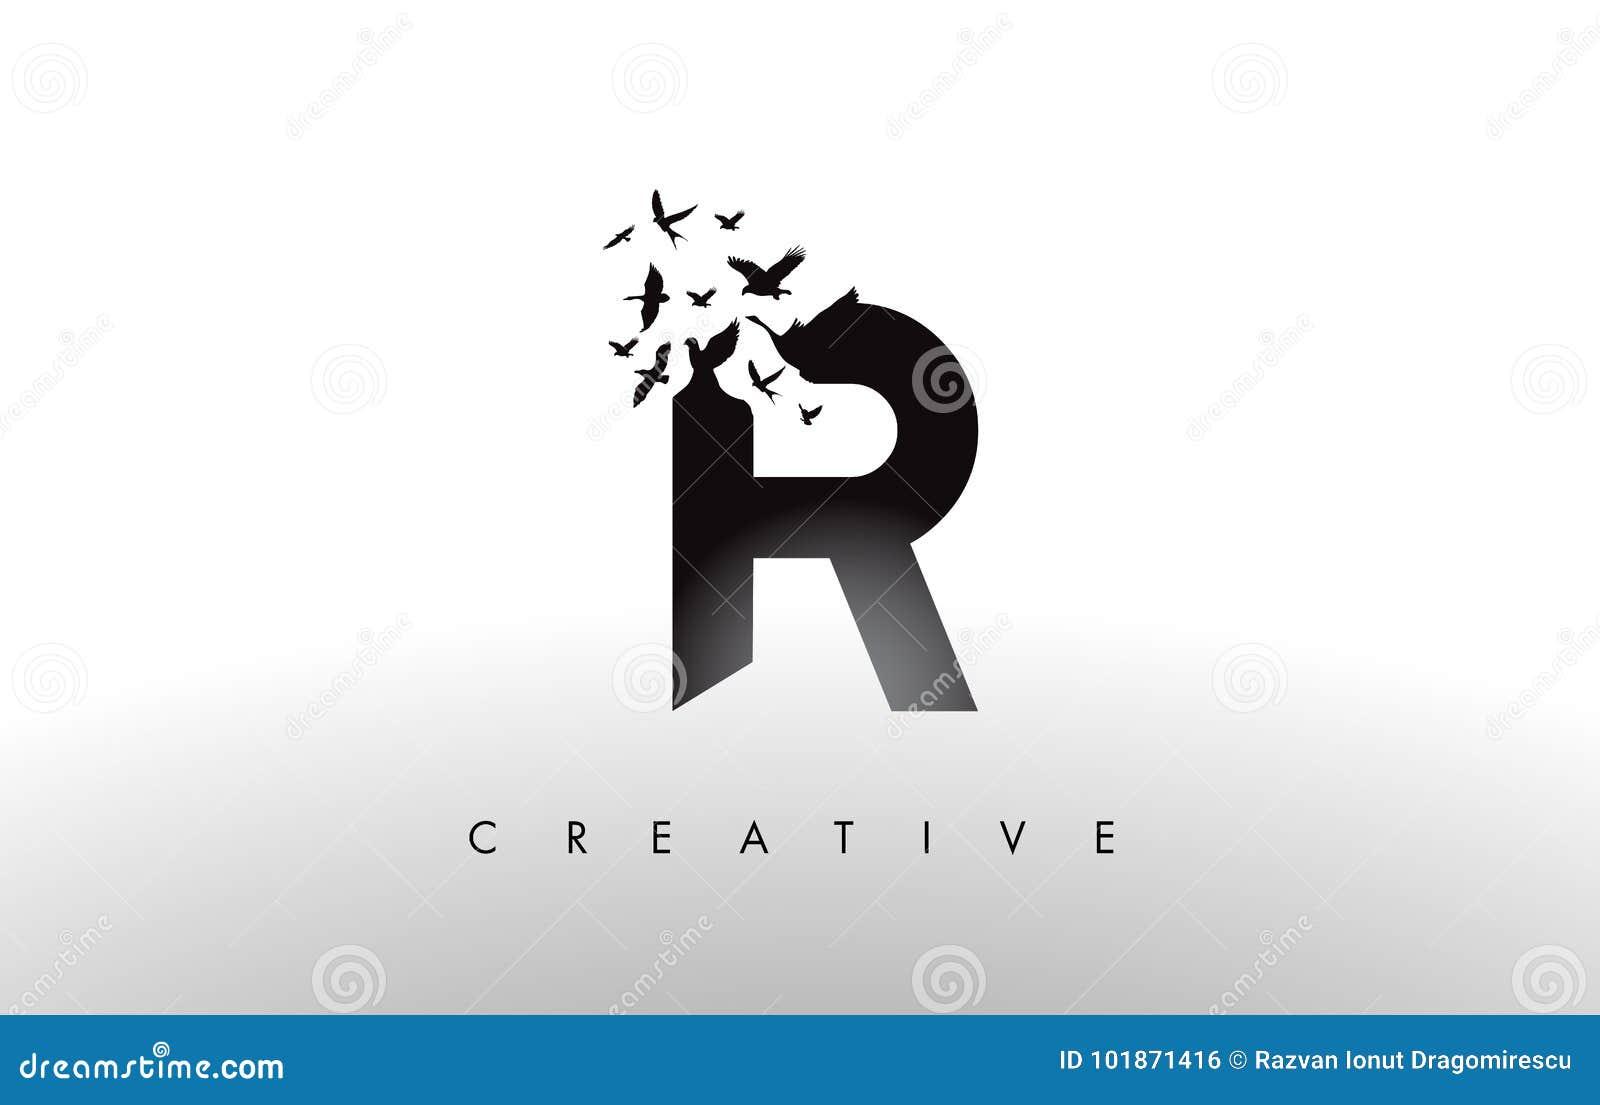 R Logo Letter avec la volée des oiseaux volant et se désagrégeant de